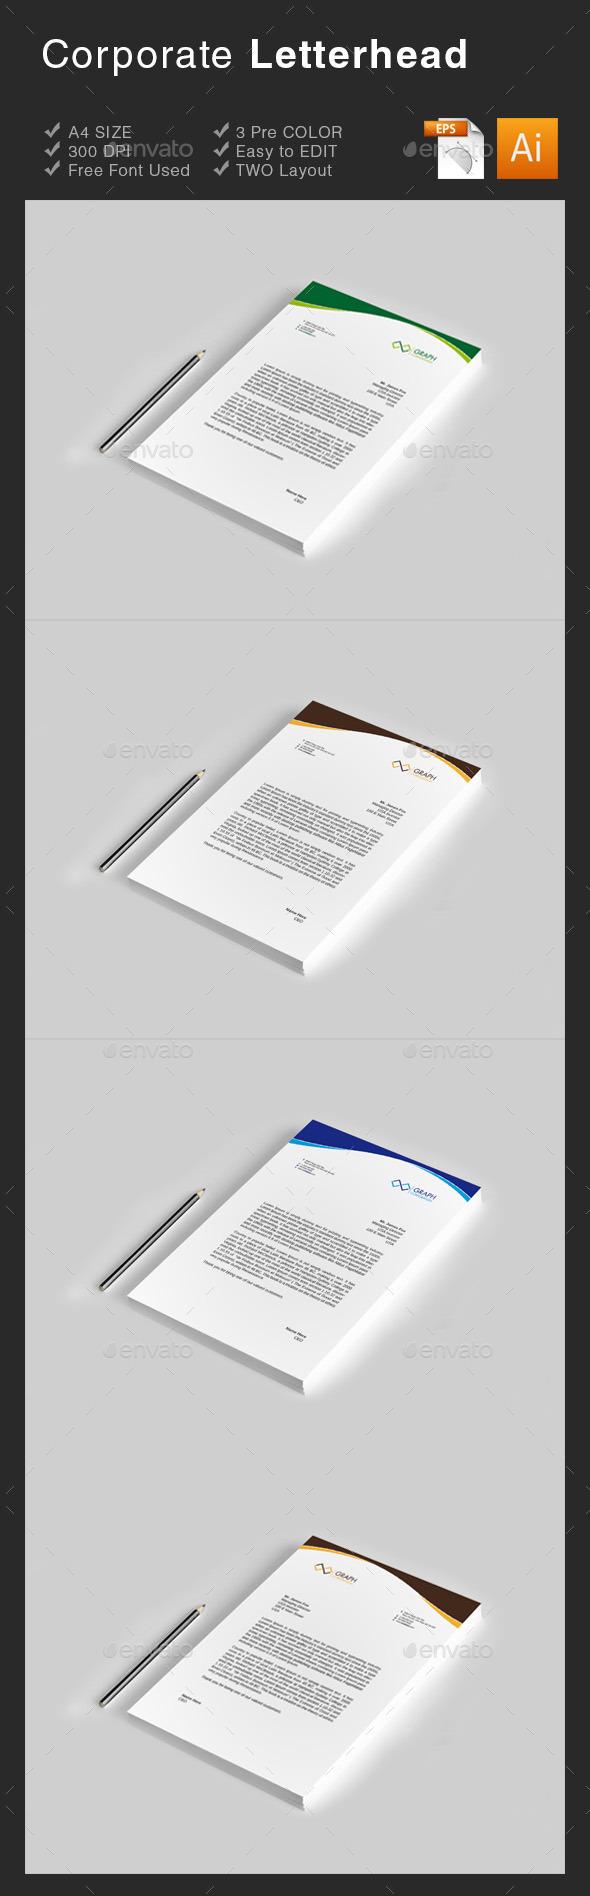 GraphicRiver Corporate Letterhead 8840266